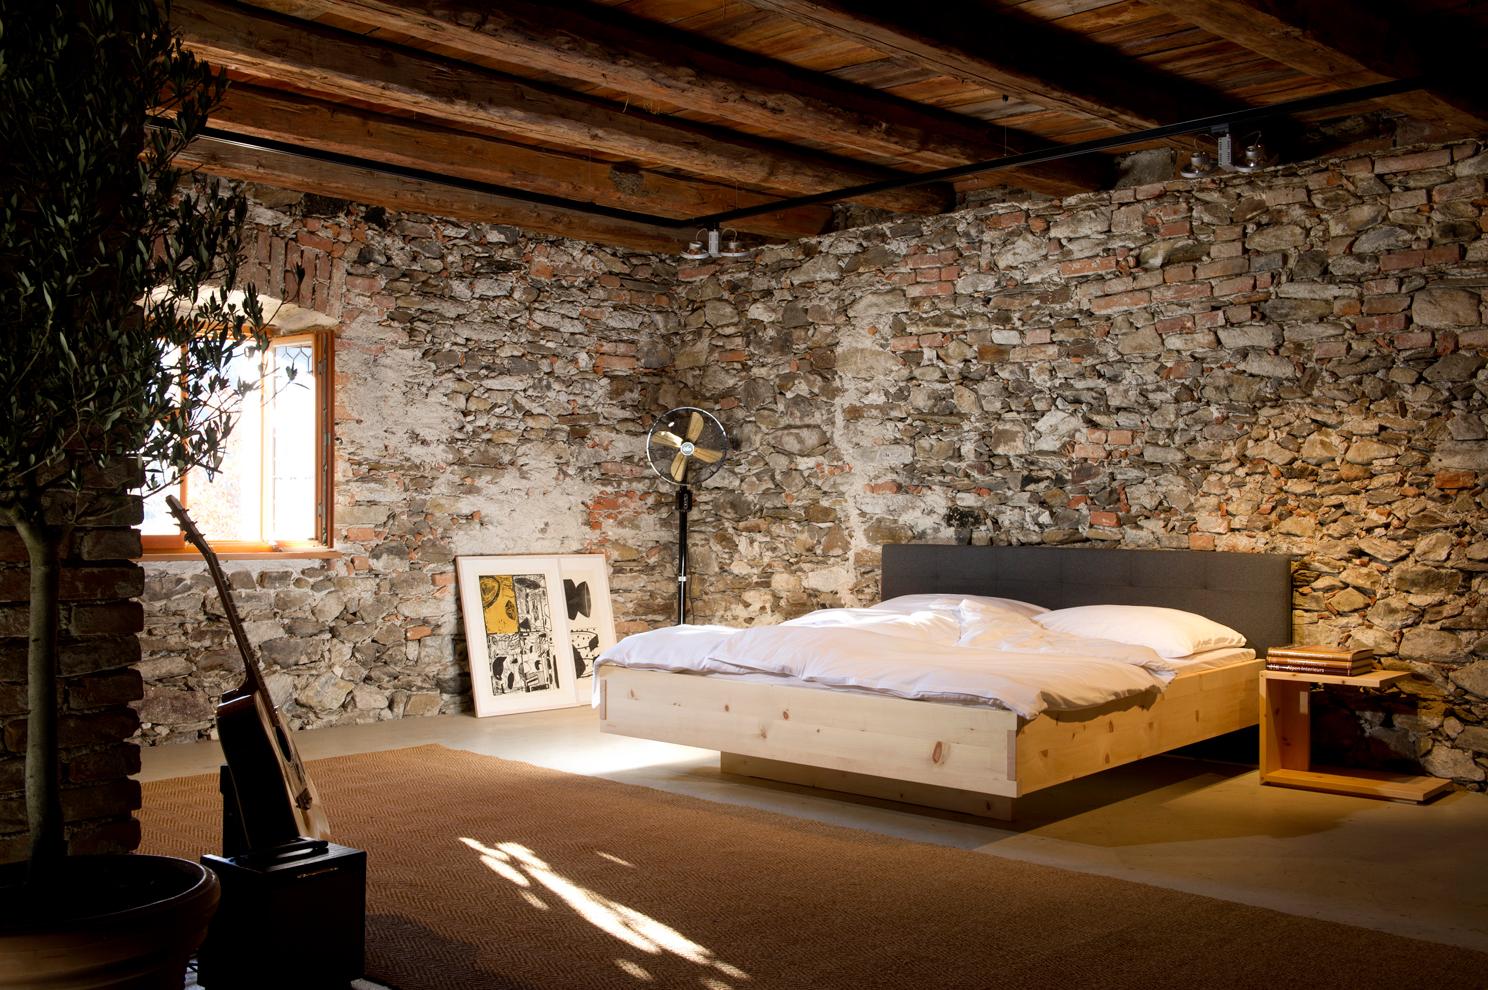 Zirbenholz Schlafzimmer, Zirbenholz Möbel, Zirbenholz Betten ...